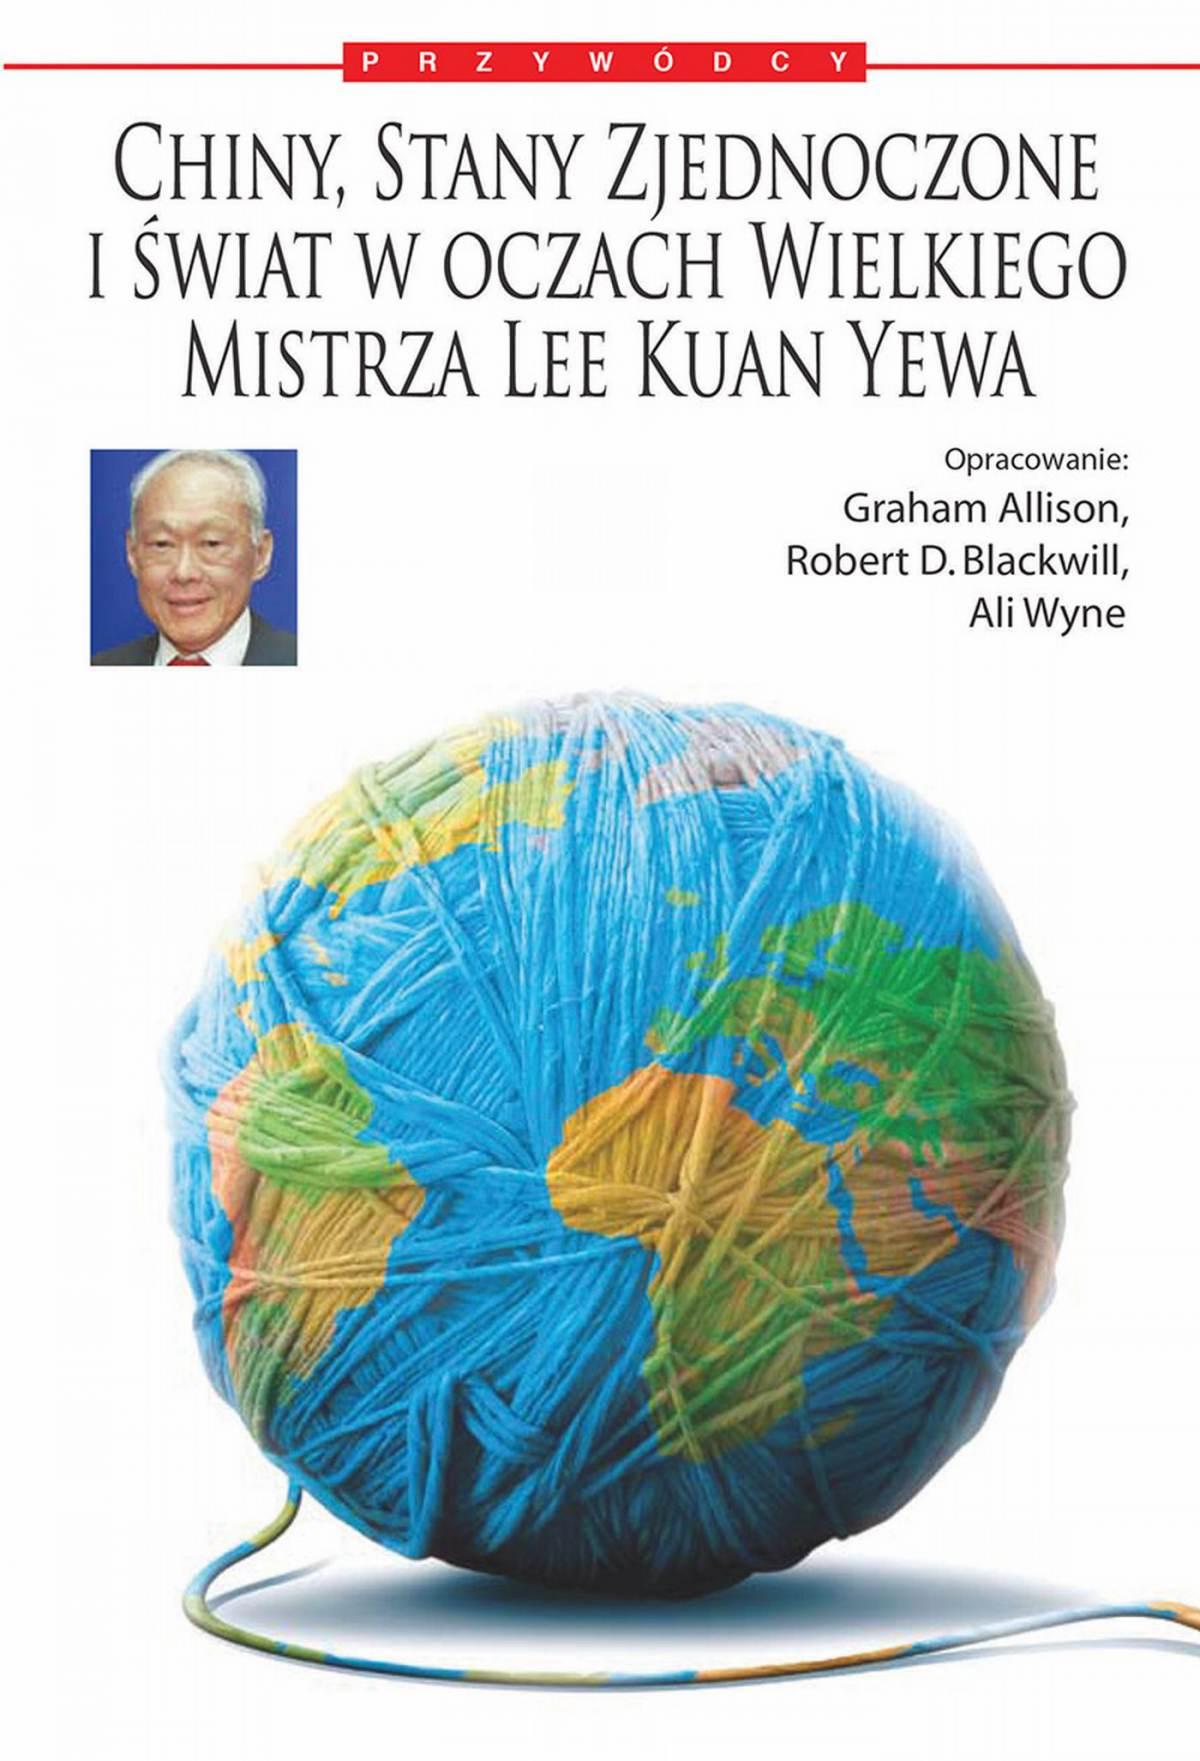 Chiny, Stany Zjednoczone i świat według Wielkiego Mistrza Lee Kuan Yewa - Ebook (Książka PDF) do pobrania w formacie PDF